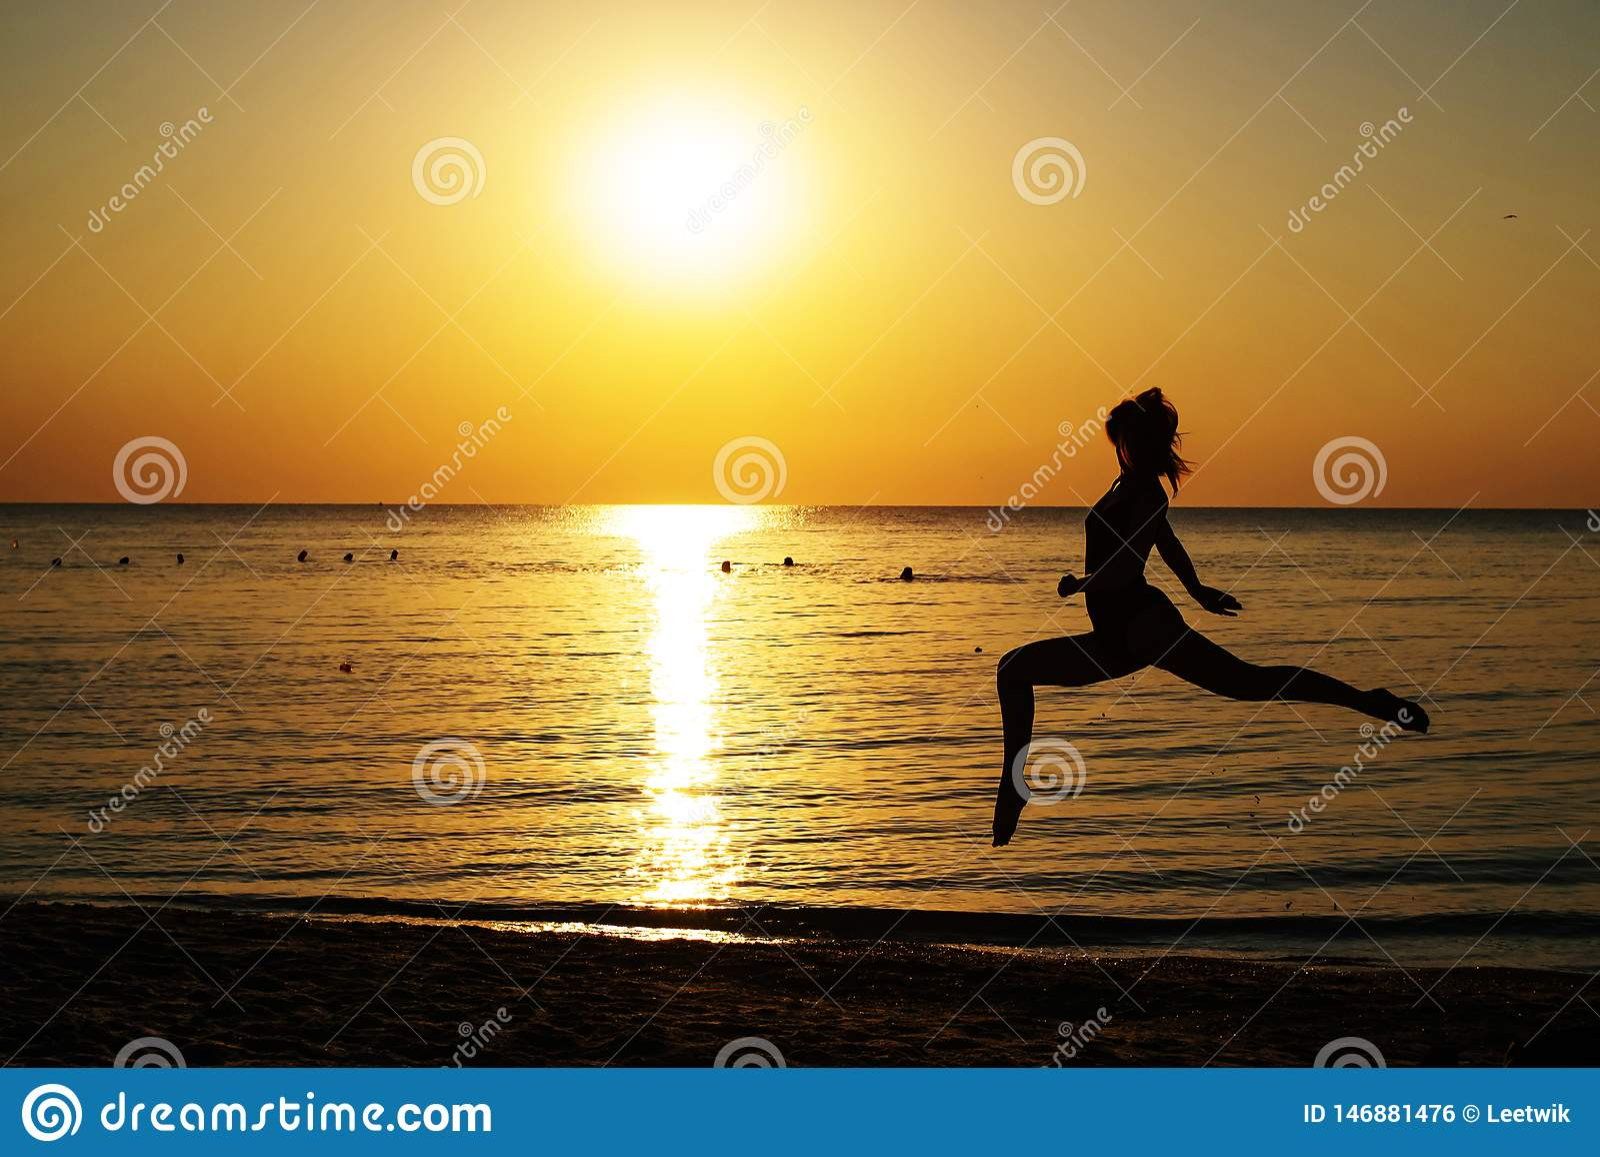 Silhueta de uma menina em um mai? que corre ao longo da praia no fundo do alvorecer